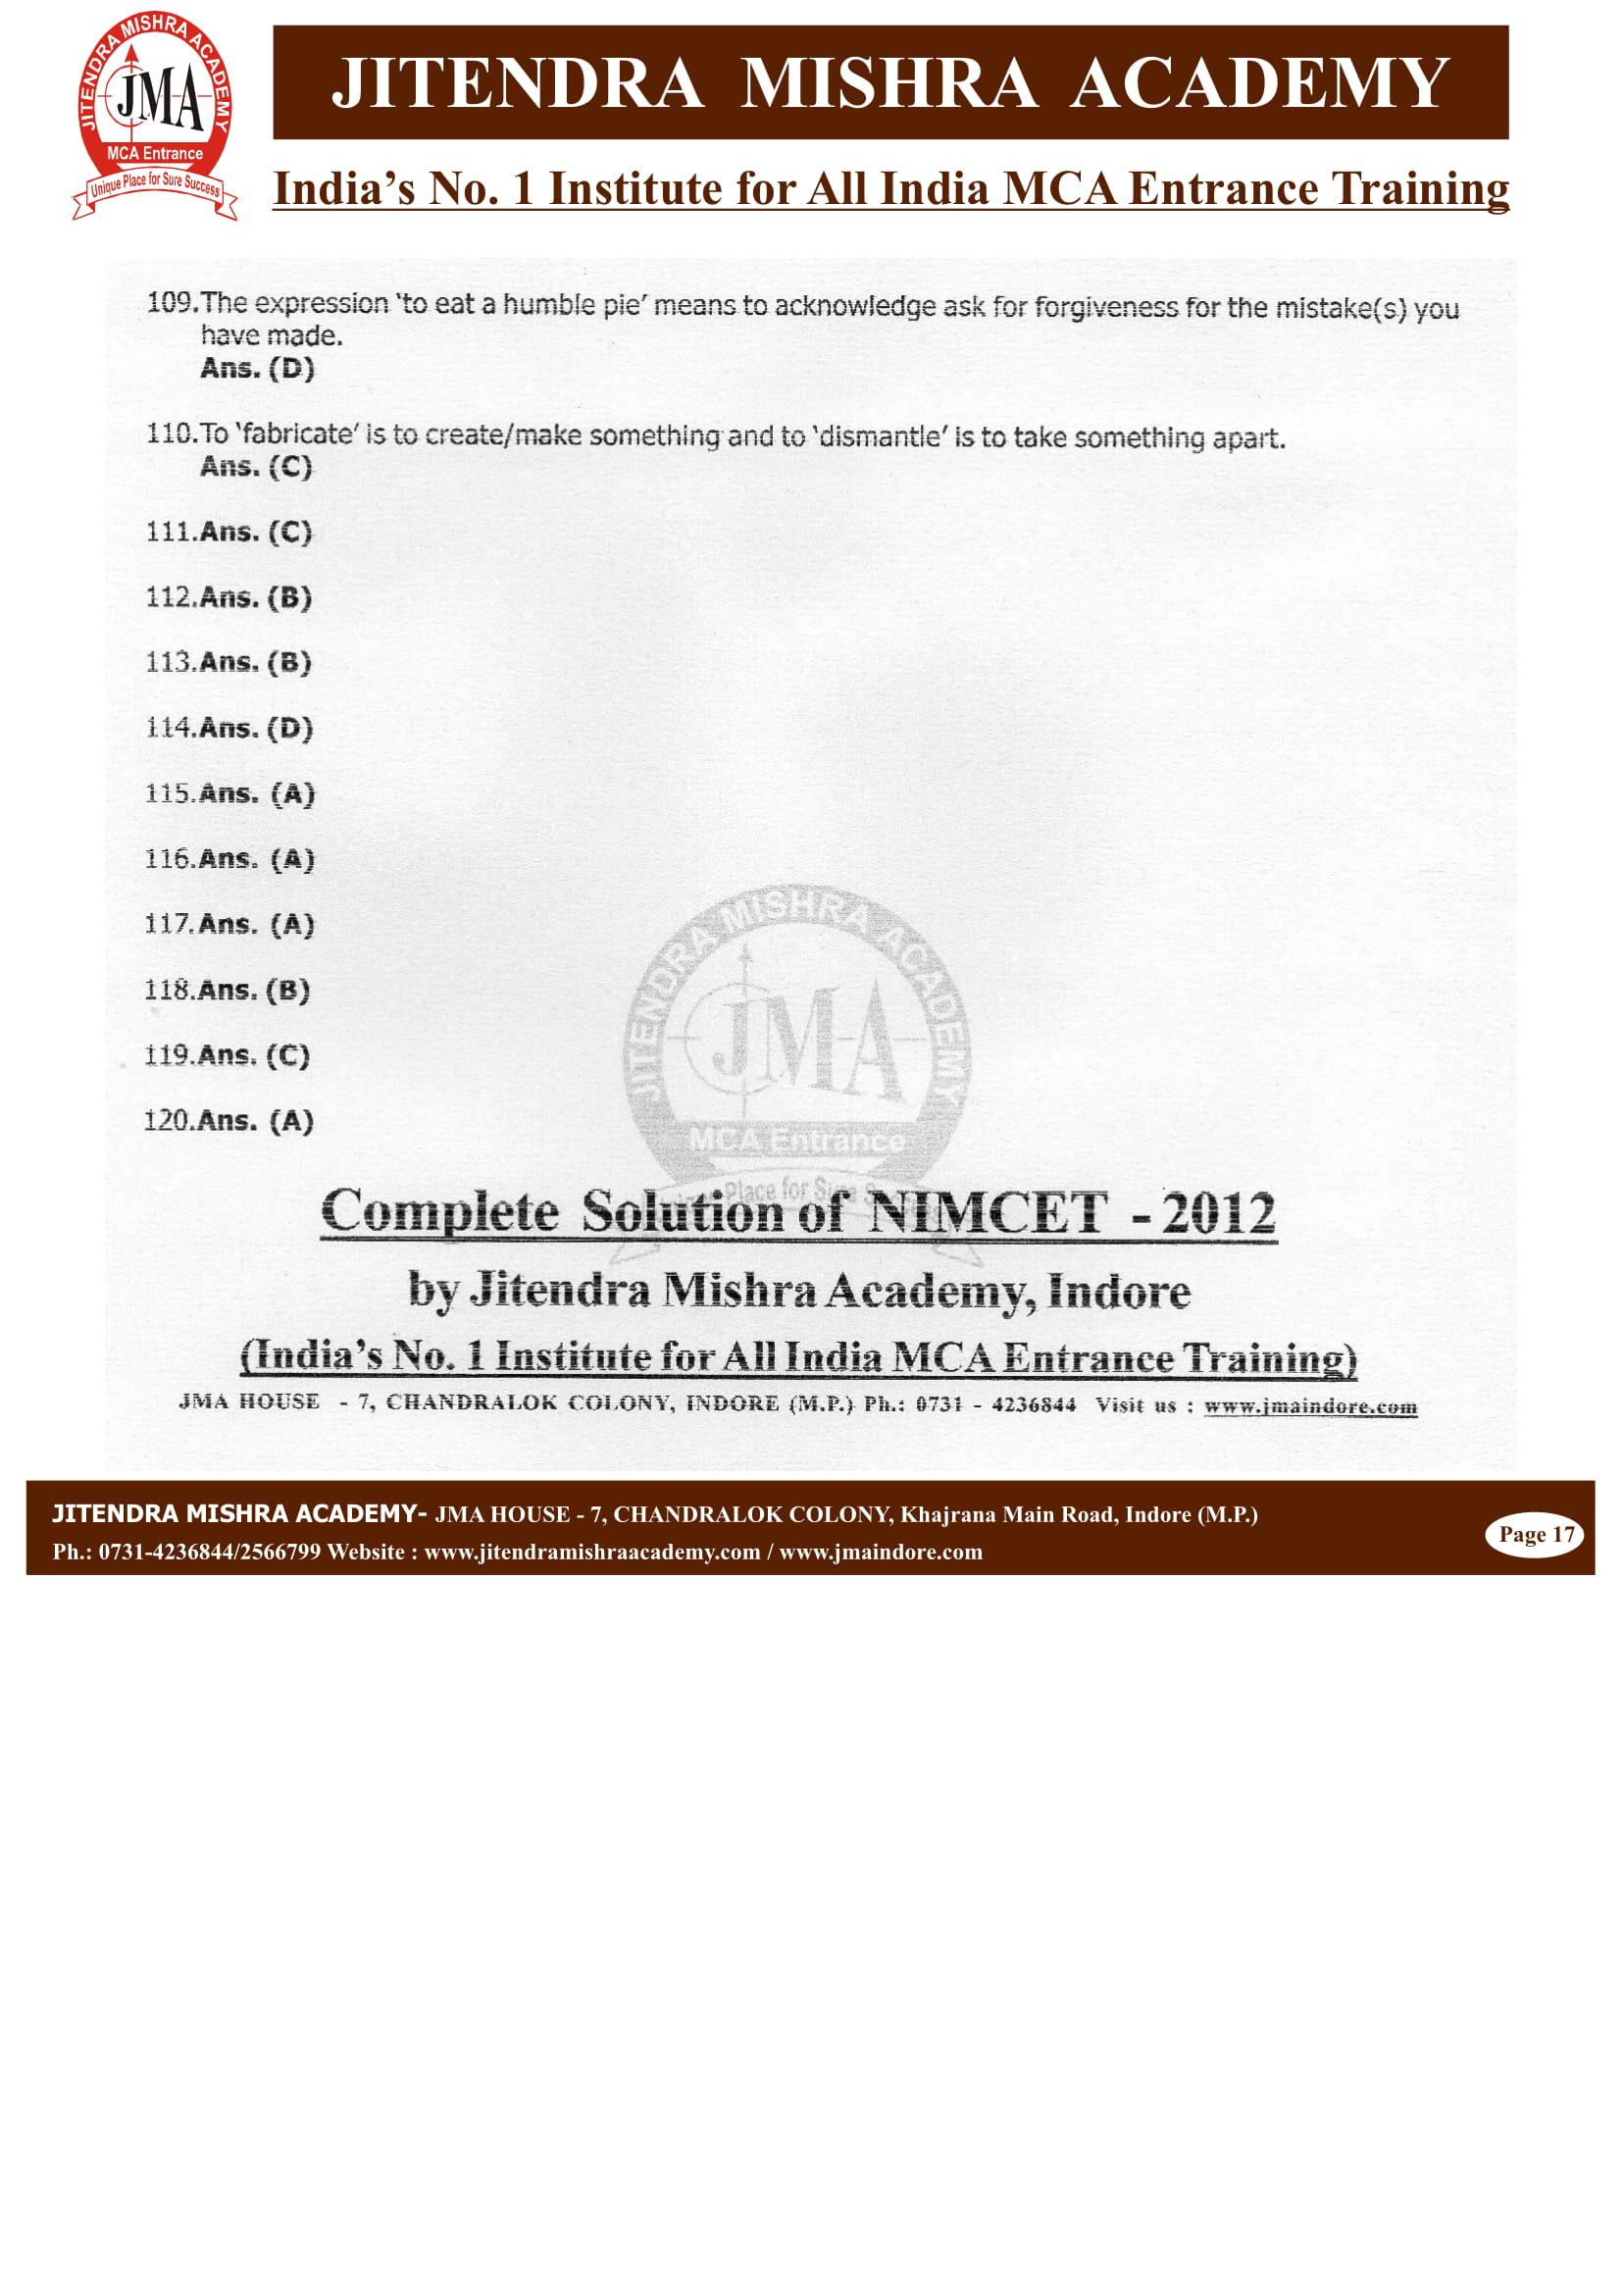 NIMCET - 2012 (SOLUTION)-17